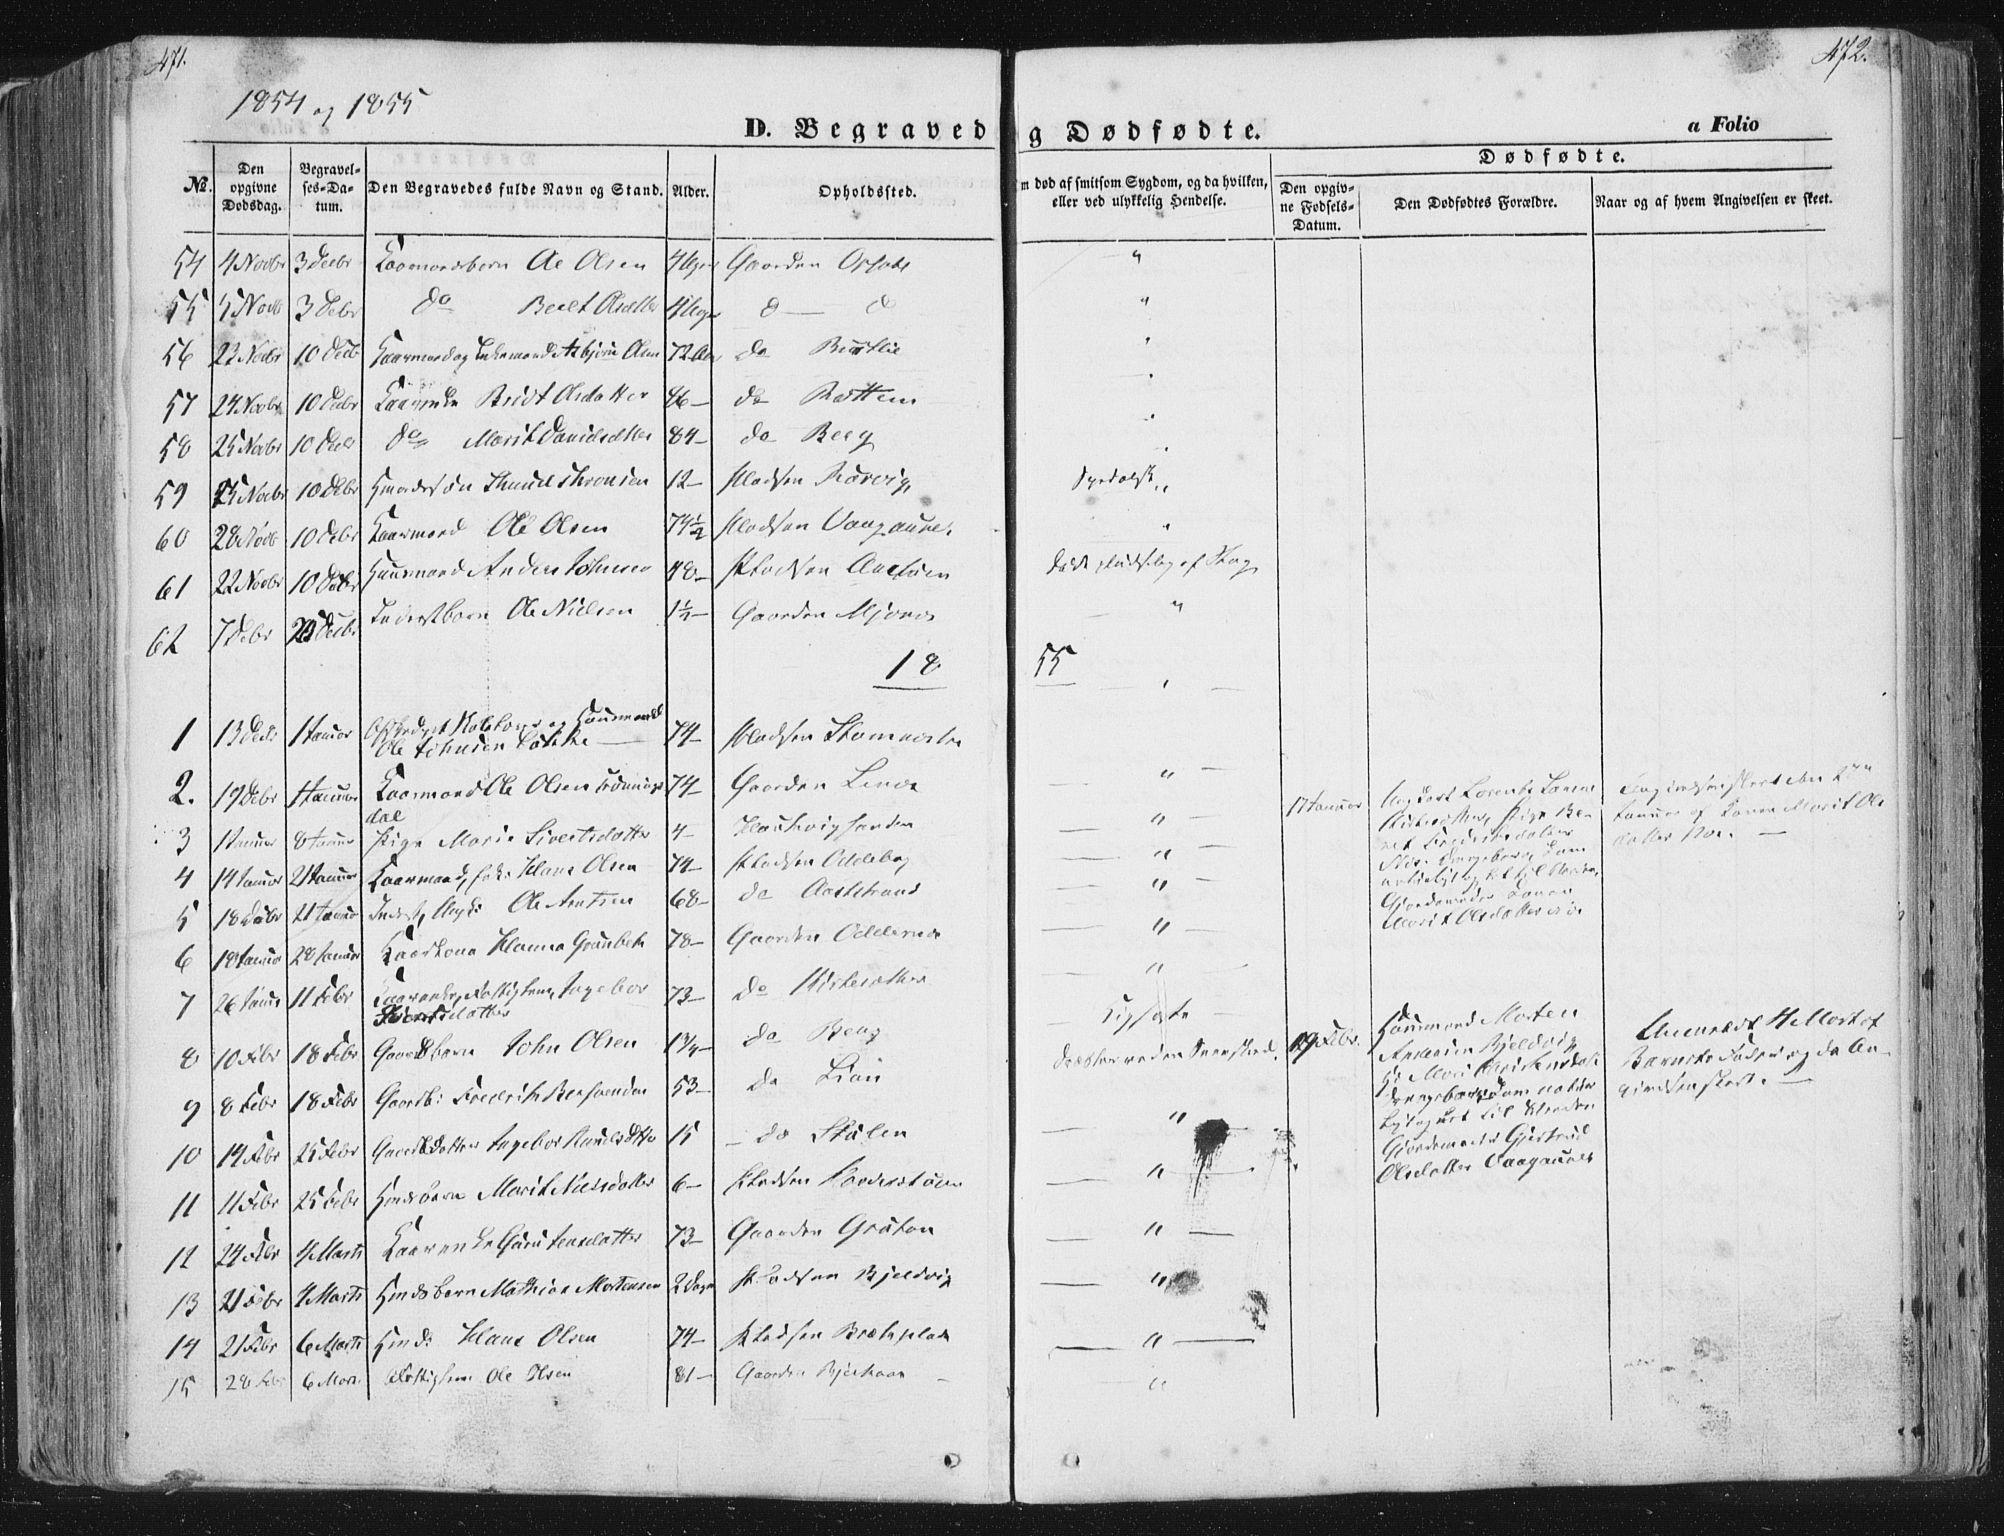 SAT, Ministerialprotokoller, klokkerbøker og fødselsregistre - Sør-Trøndelag, 630/L0494: Ministerialbok nr. 630A07, 1852-1868, s. 471-472